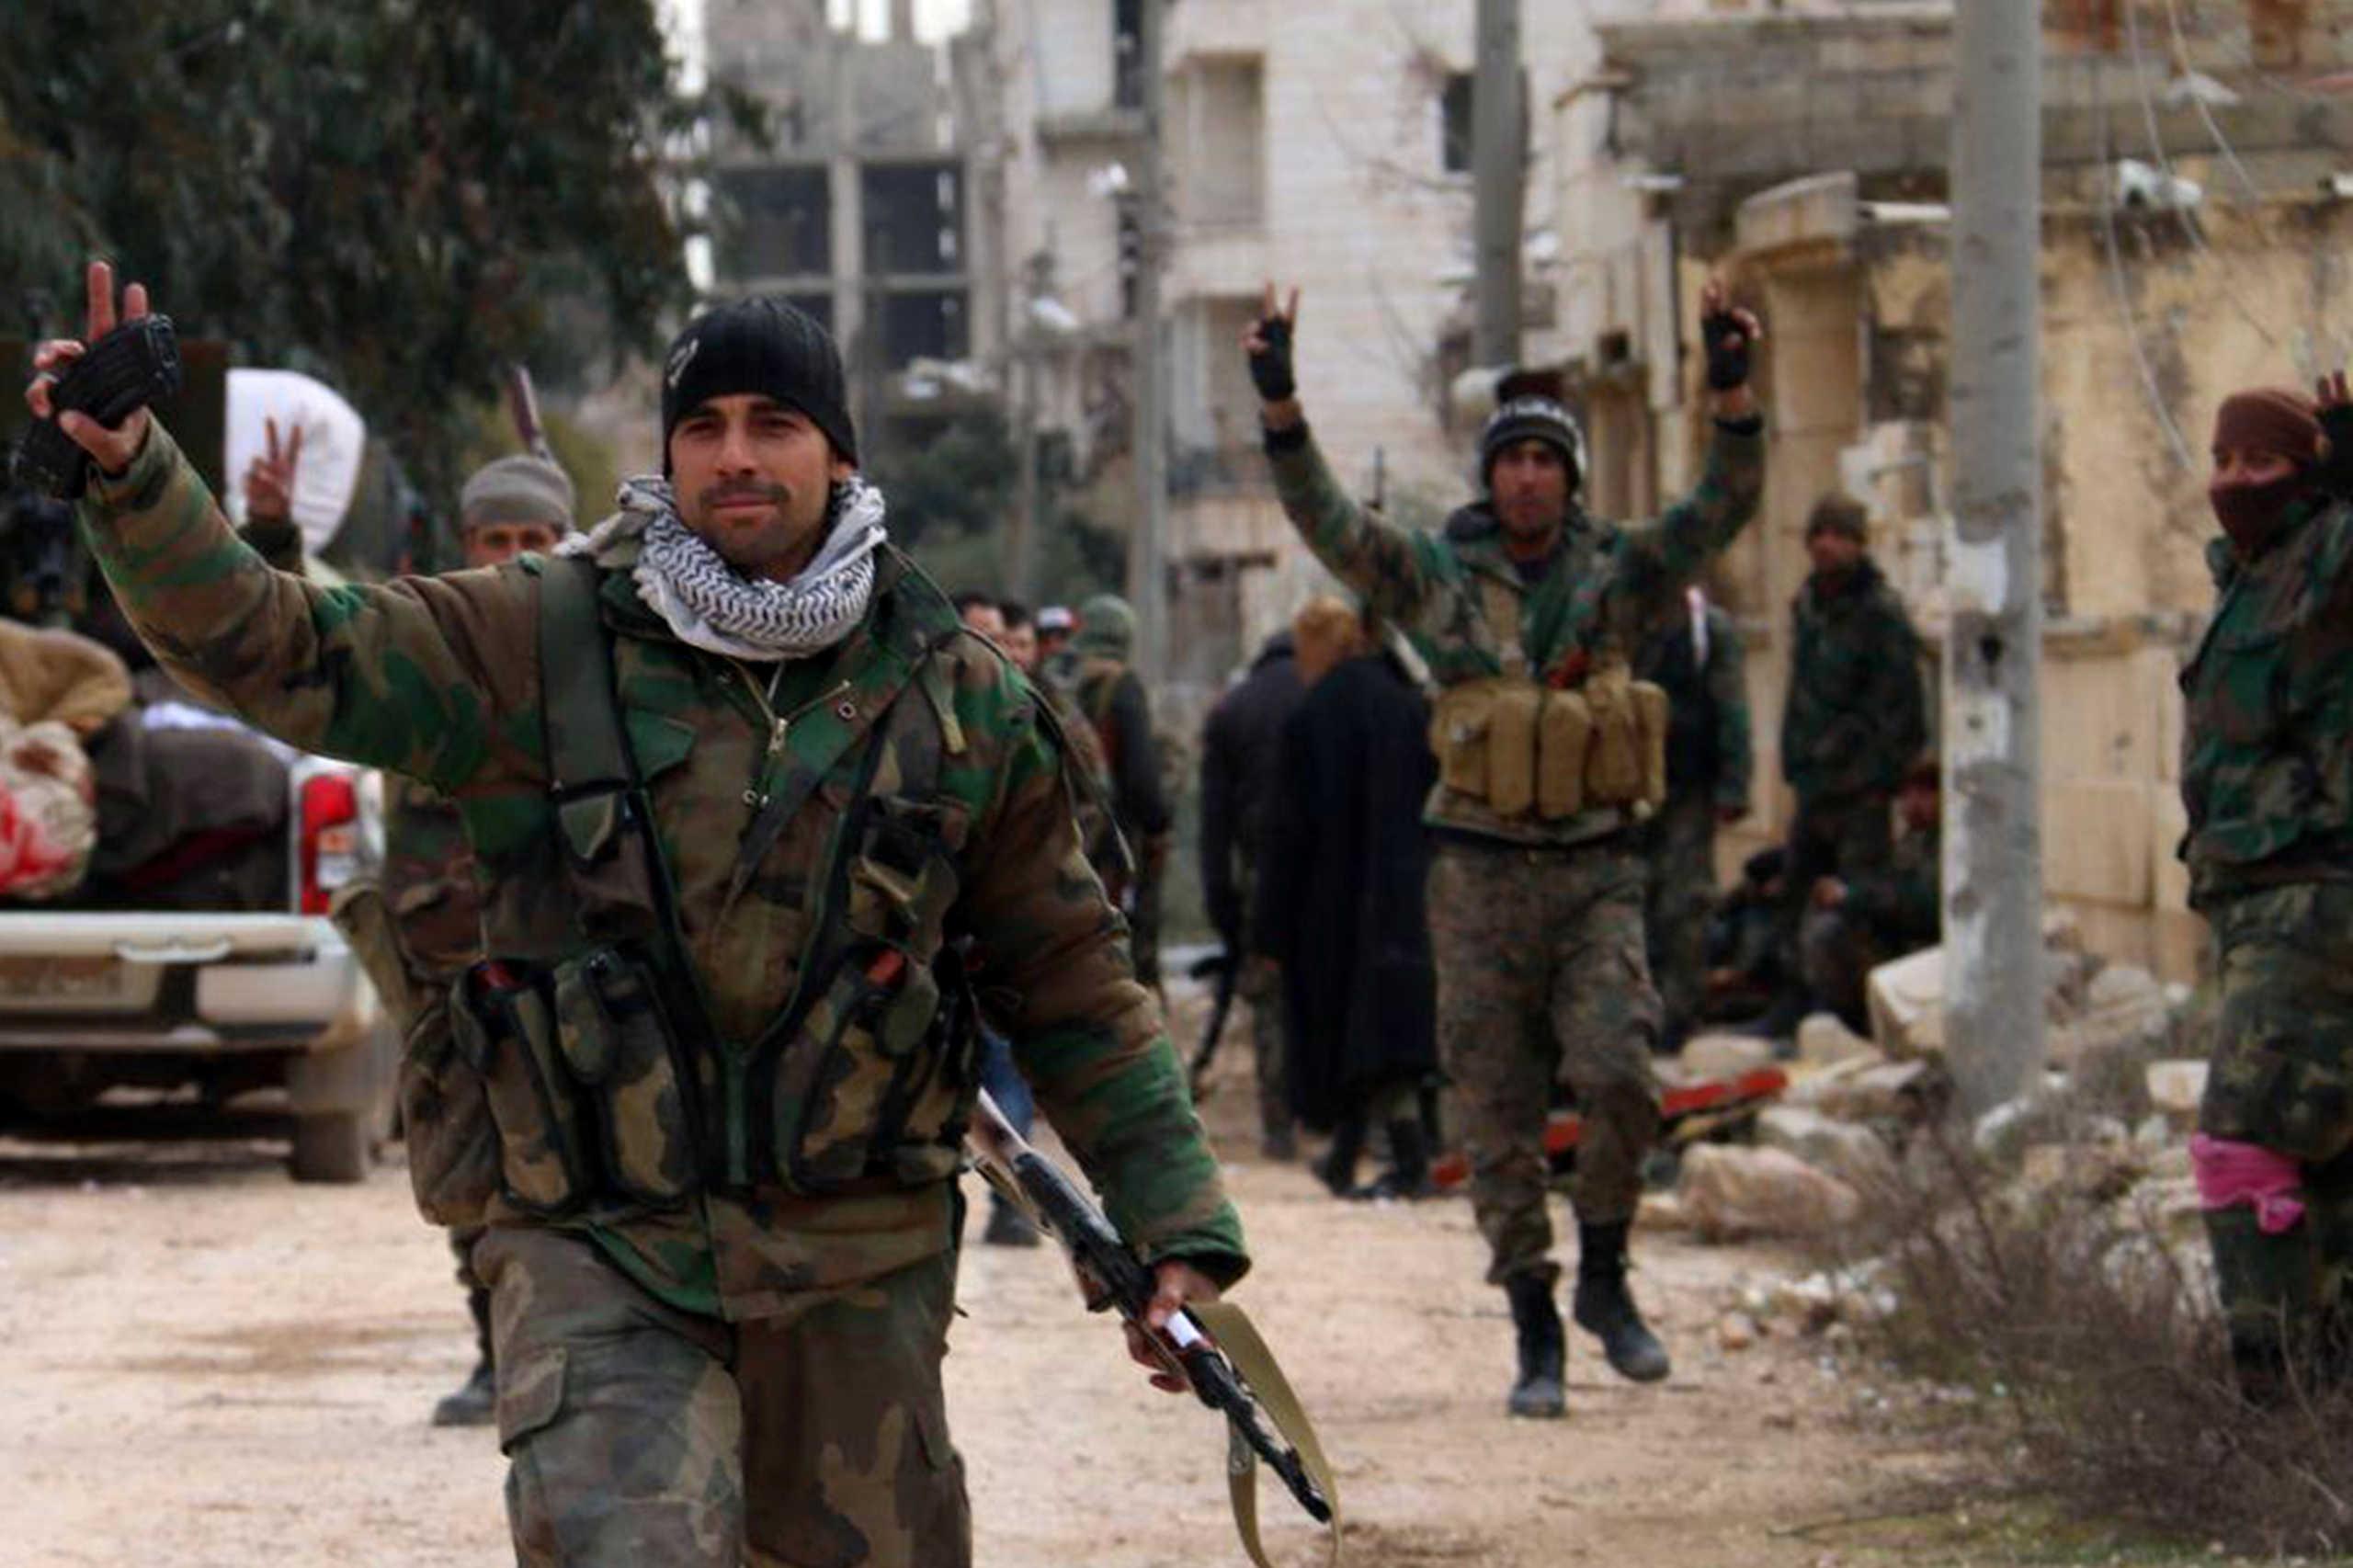 Μπαίνουν στην τουρκική βάση και κατεβάζουν τη σημαία! Ο Ερντογάν χάνει εδάφη στη Συρία (βίντεο)